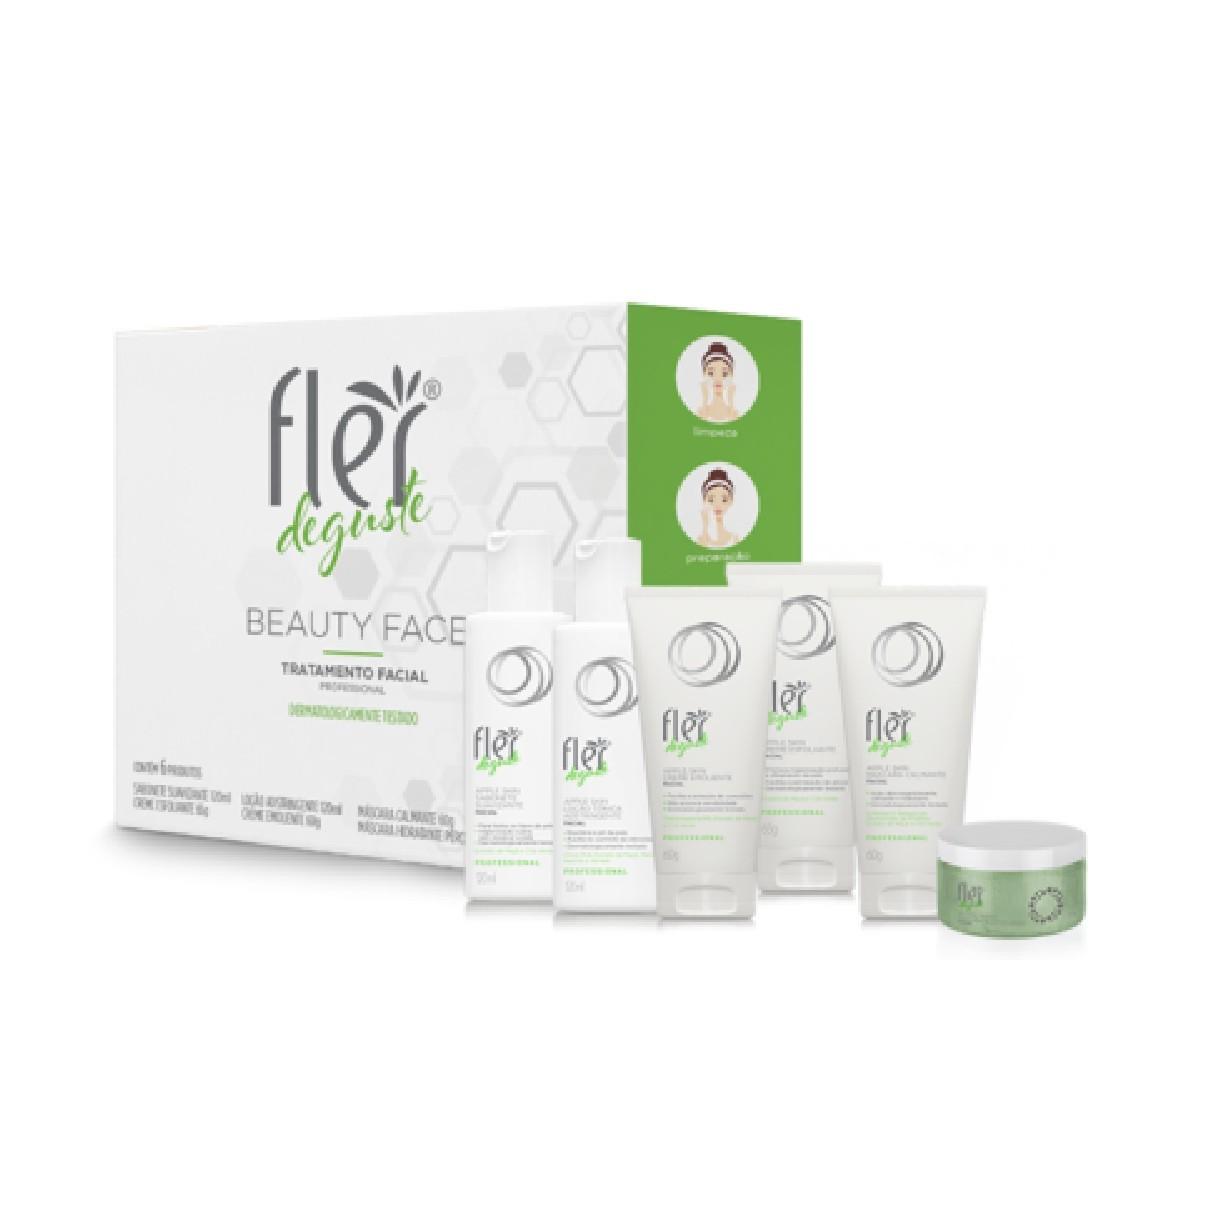 Kit Deguste Beauty Face Tratamento Facial - Fler